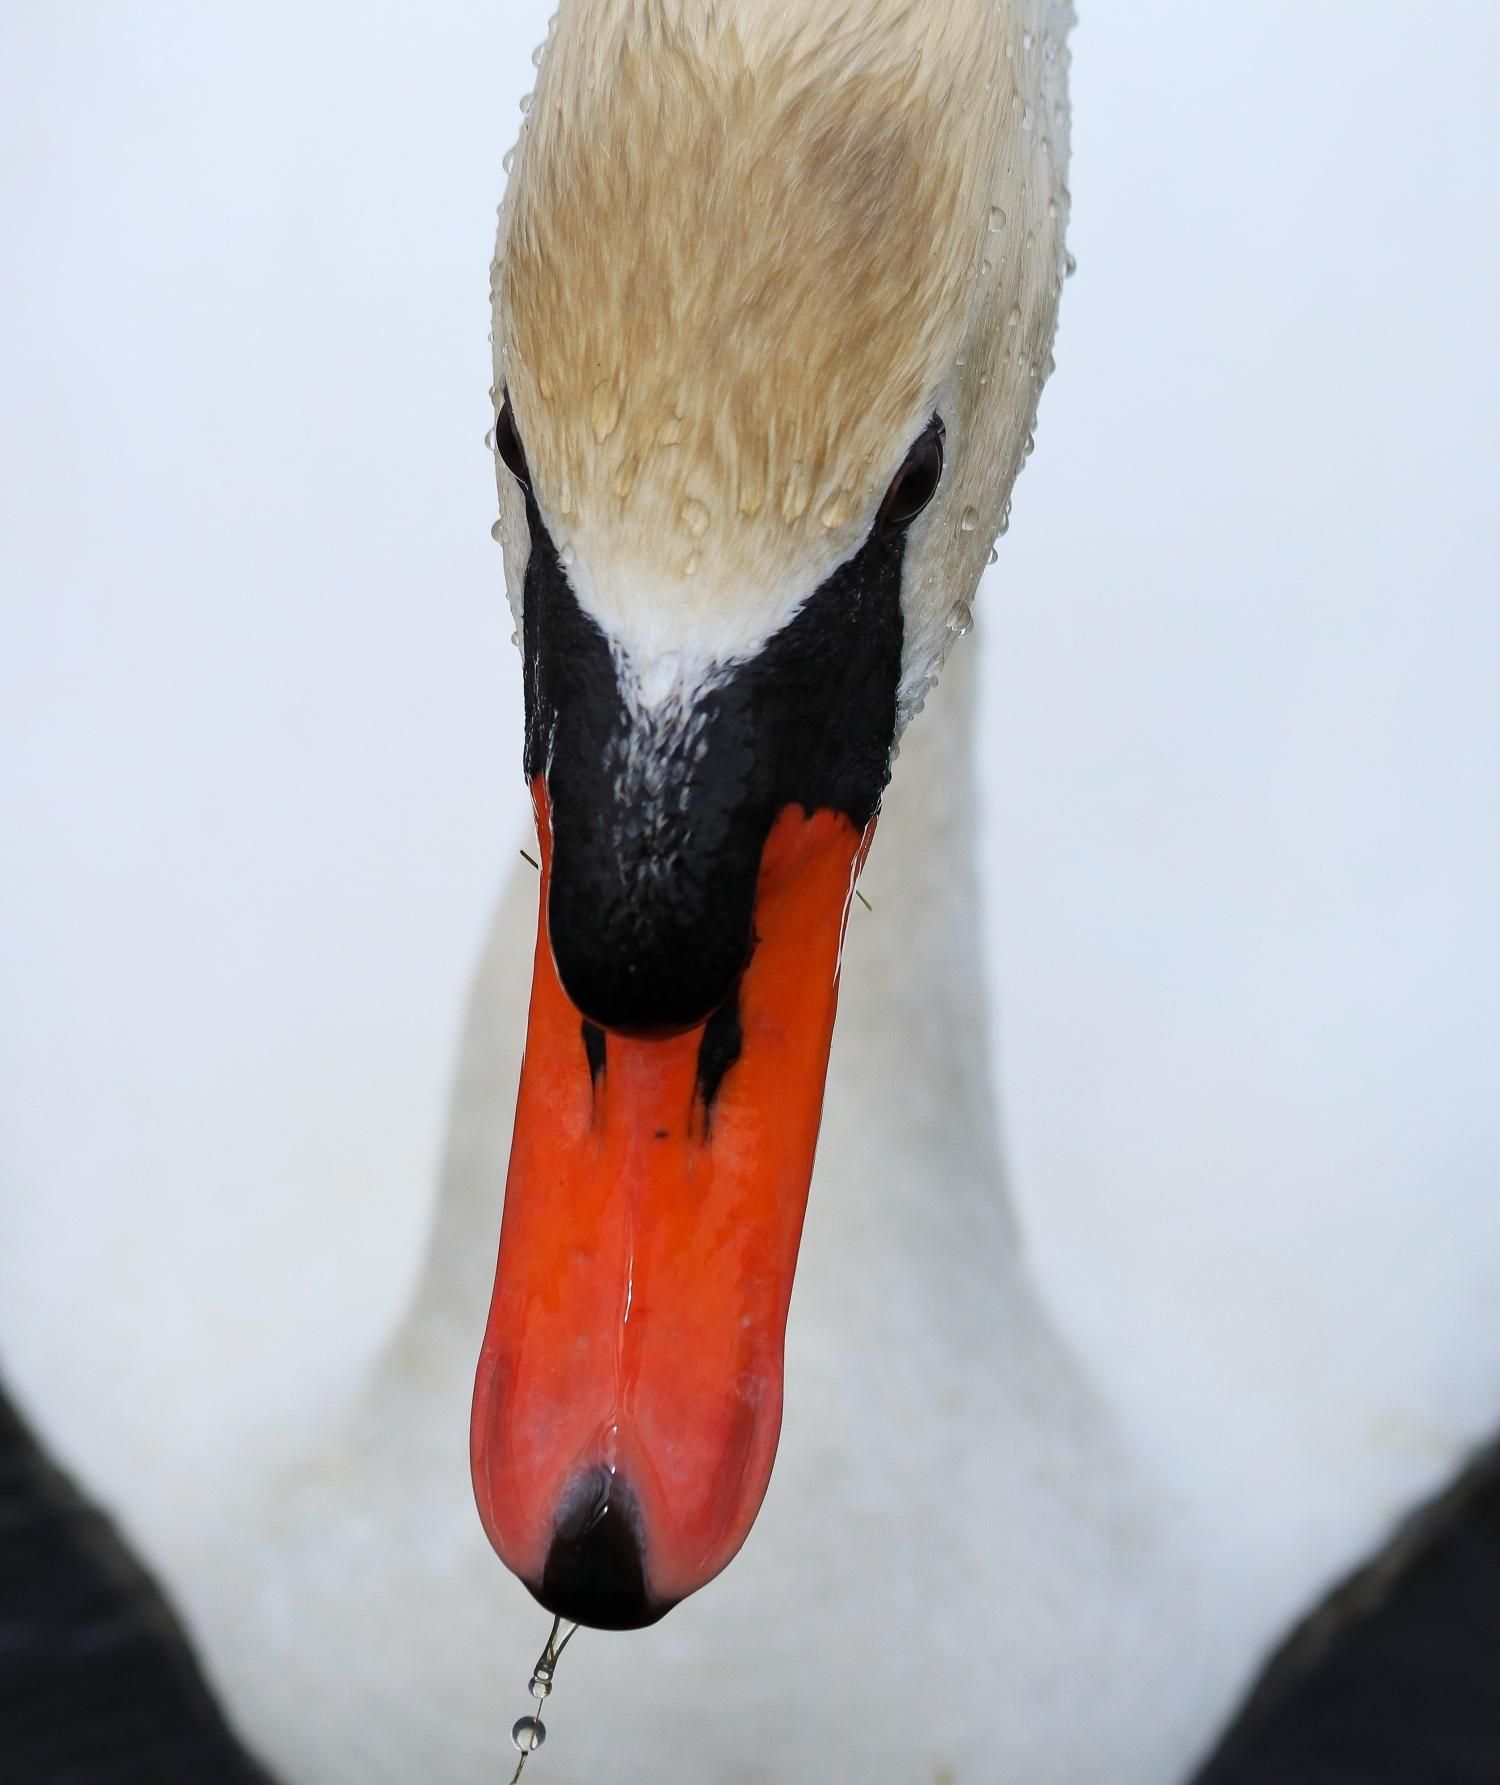 Wet Swan